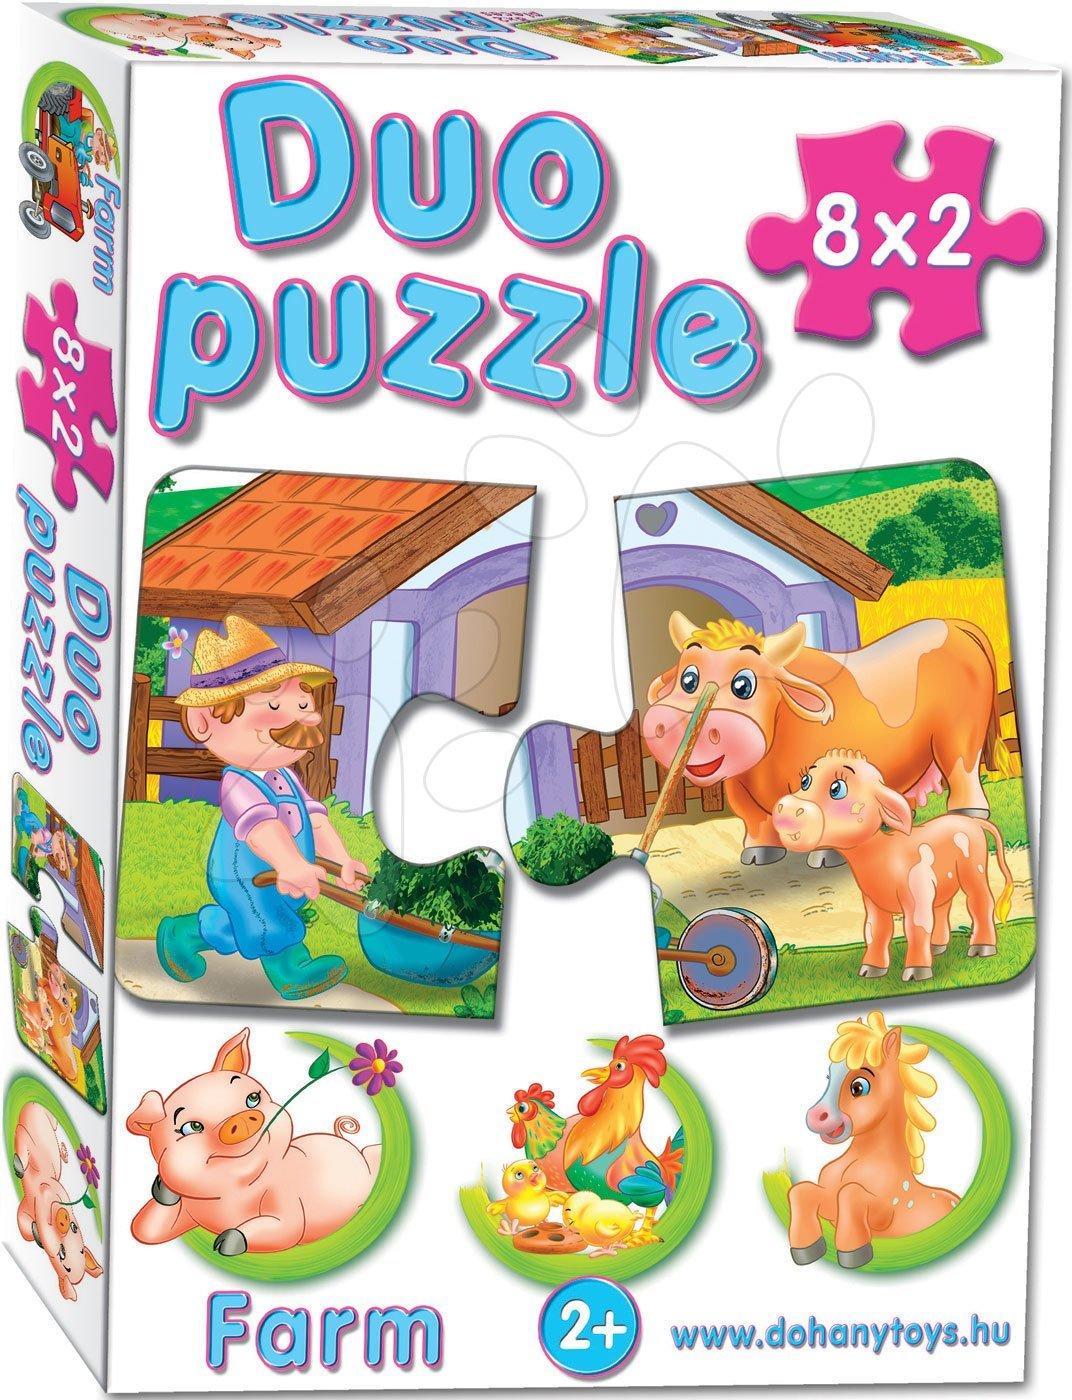 Baby puzzle Duo Farma Dohány 2obrázkové 8 x 2 dílky od 24 měsíců